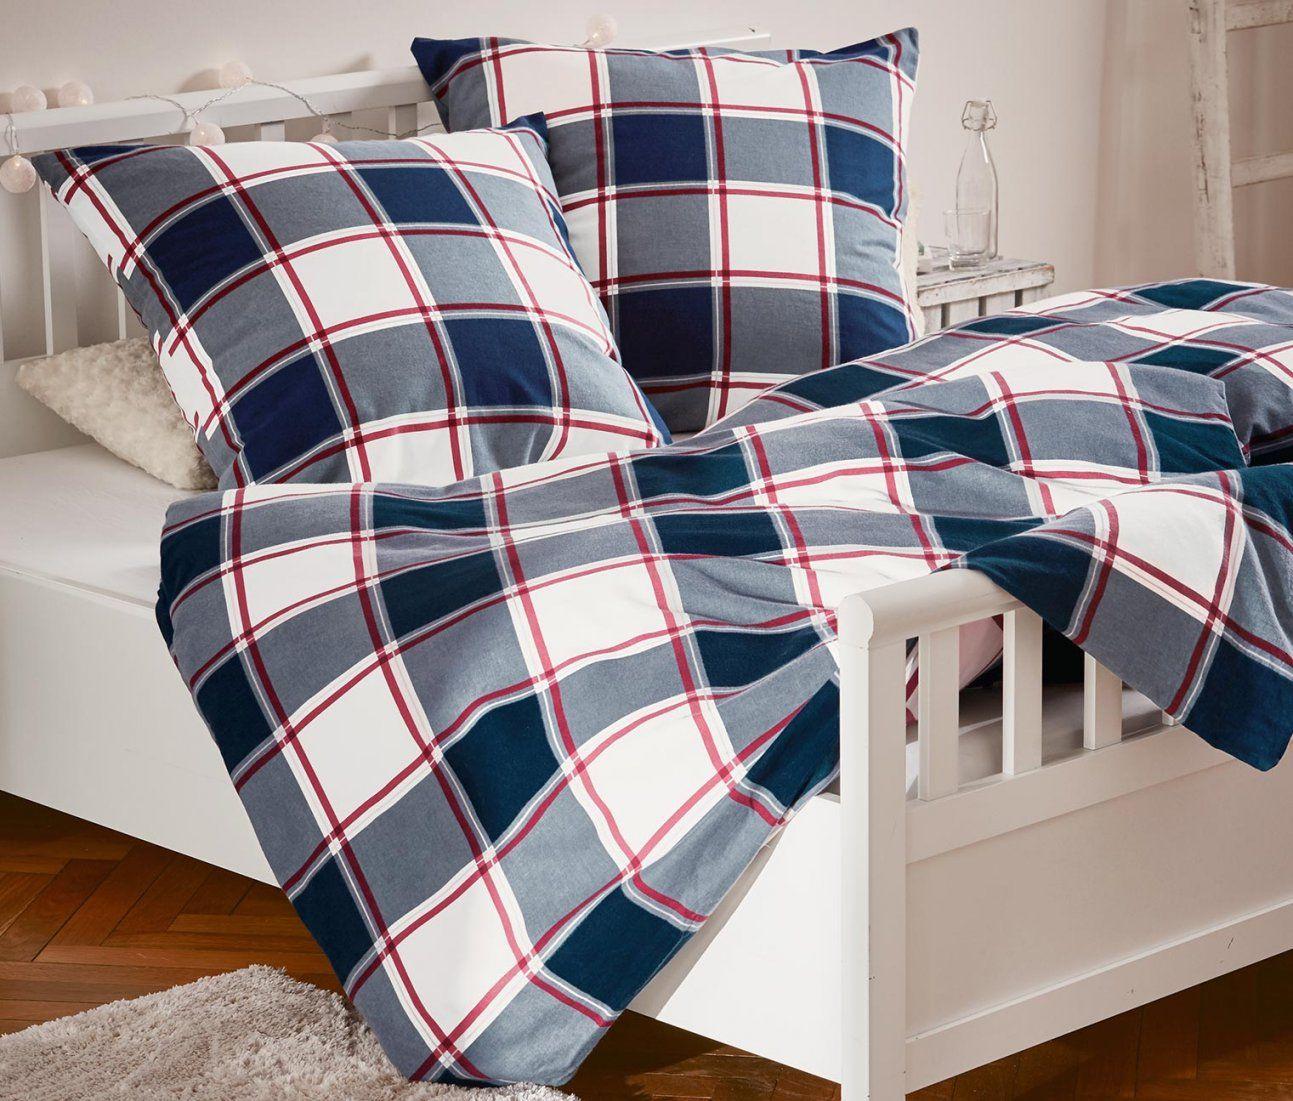 Biberbettwäsche Übergröße Online Bestellen Bei Tchibo 332108 von Tchibo Bettwäsche 155X220 Bild